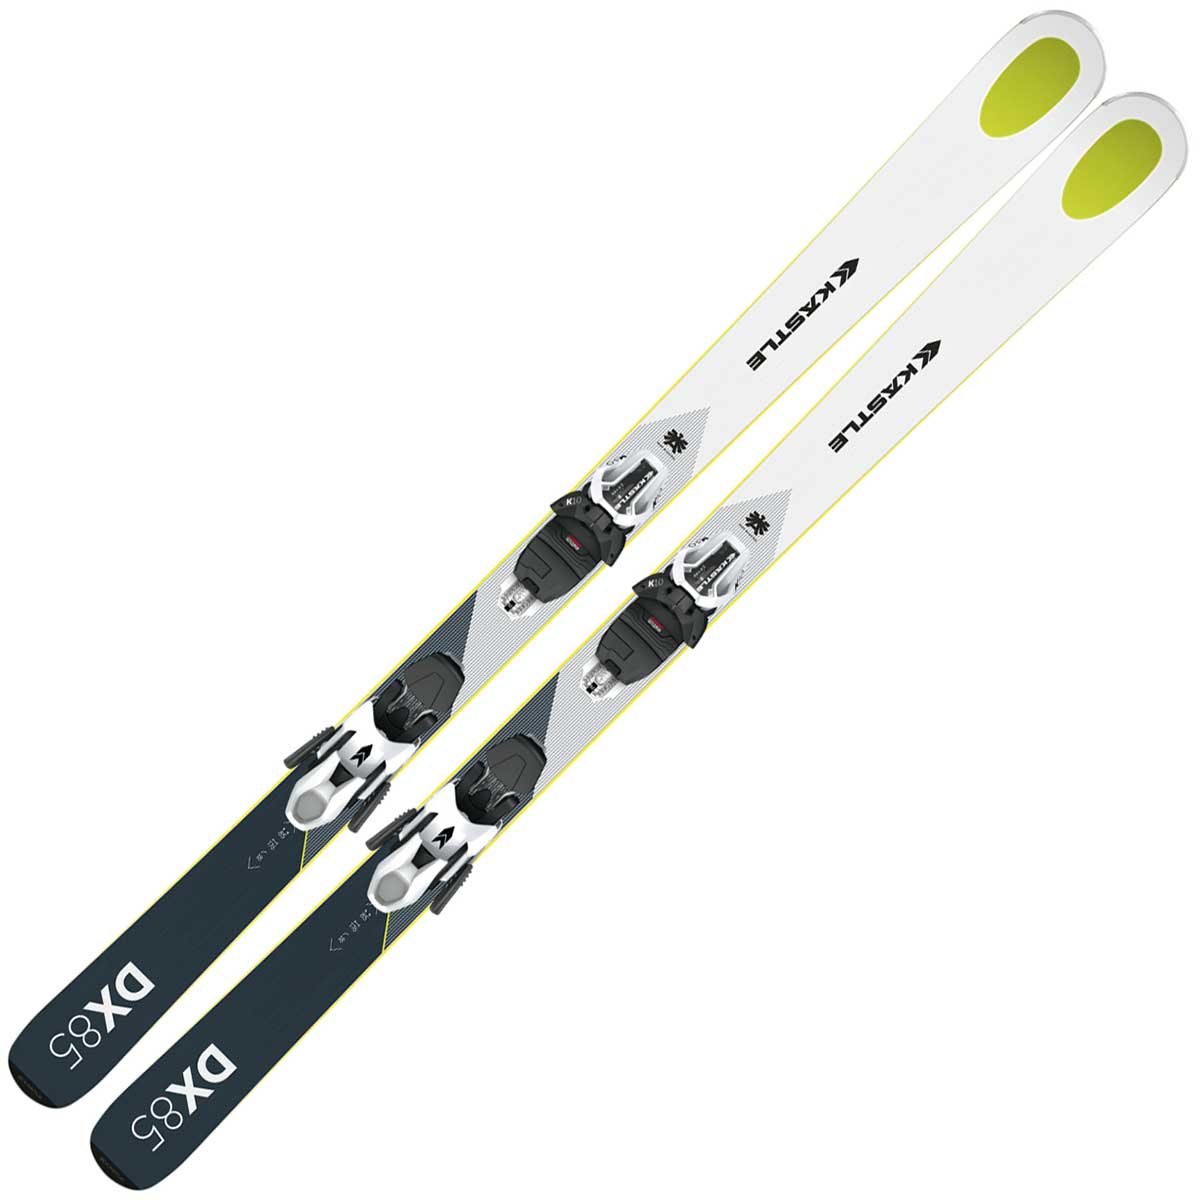 Kastle DX85 Ski